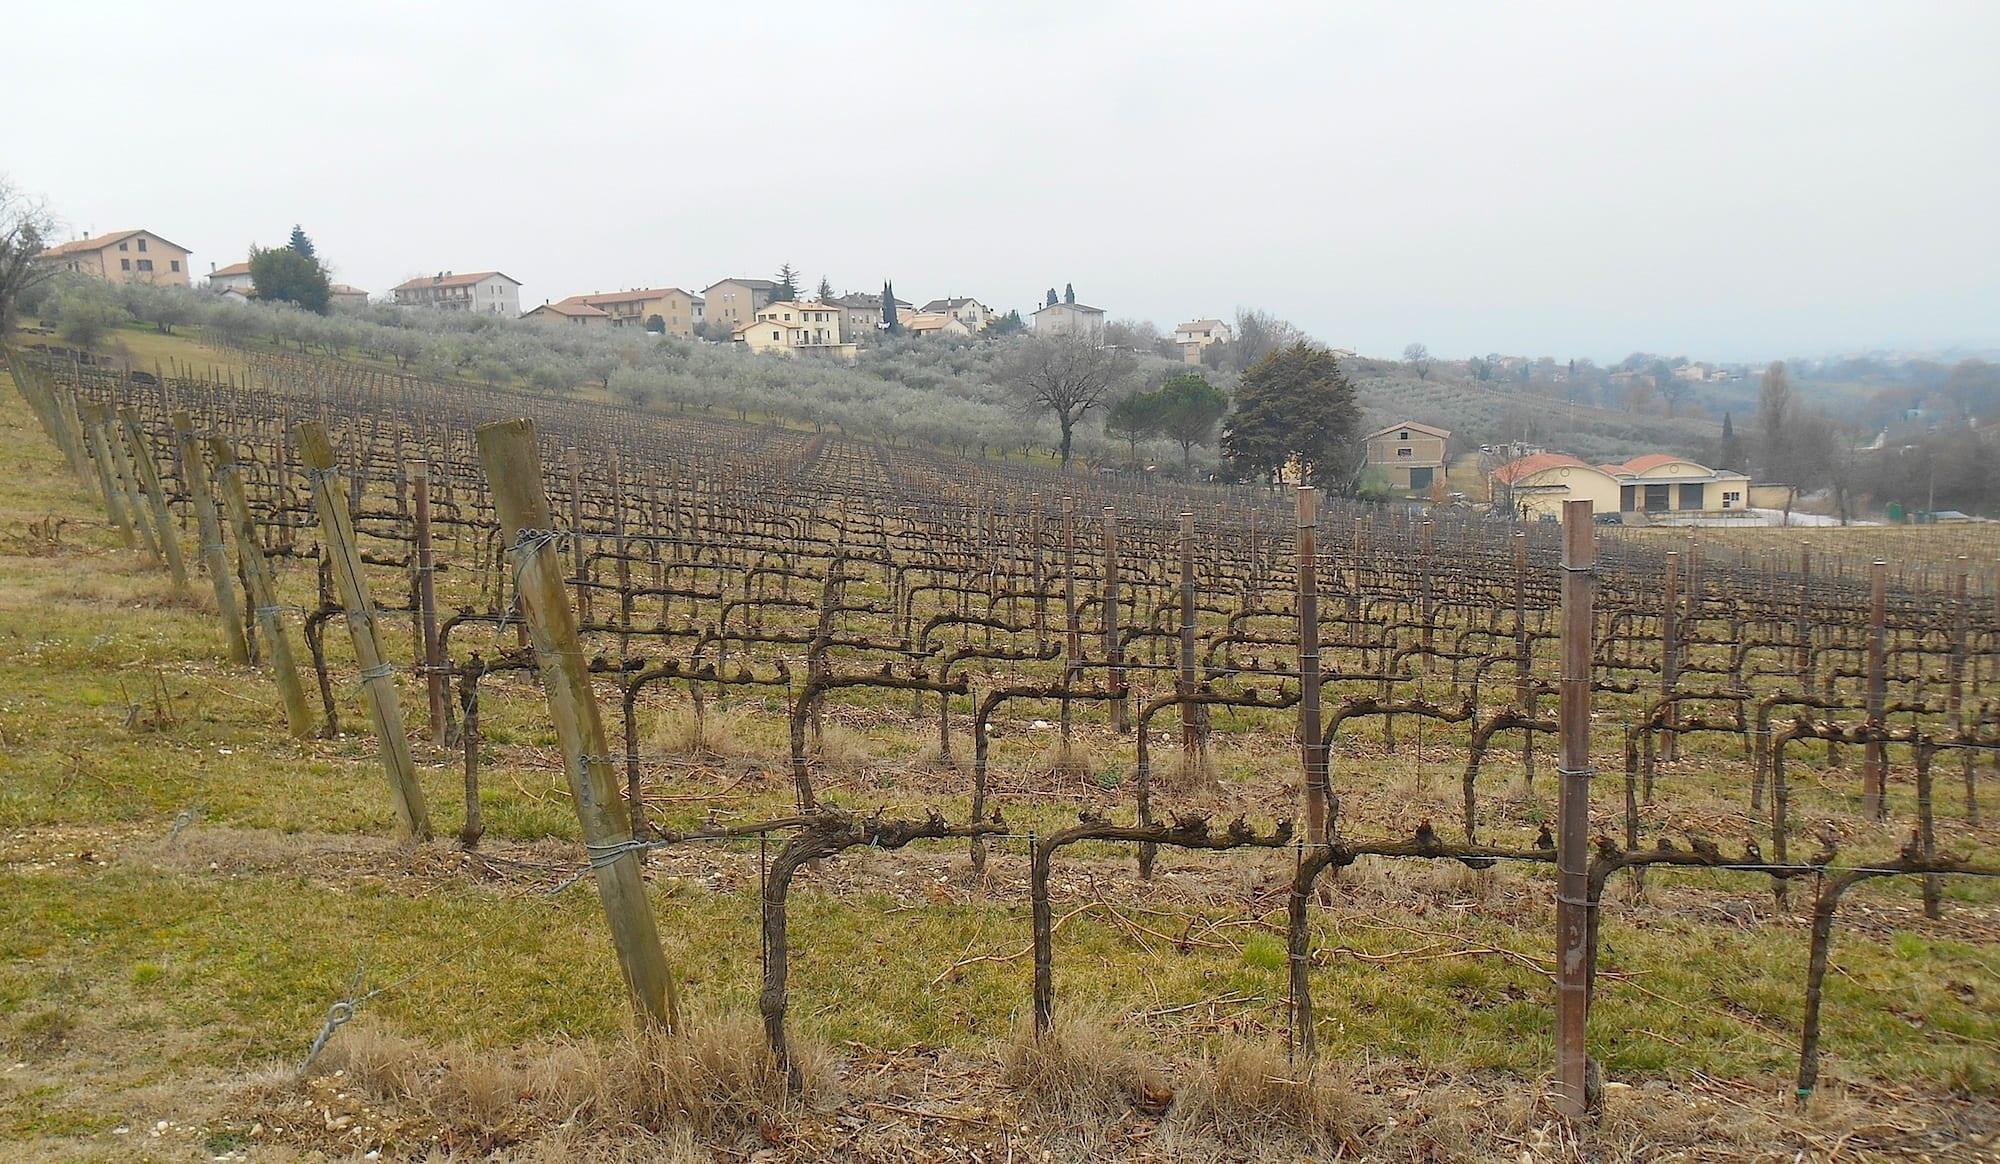 Montefalco Sagrantino: dall'Anteprima 2019 al futuro del vino